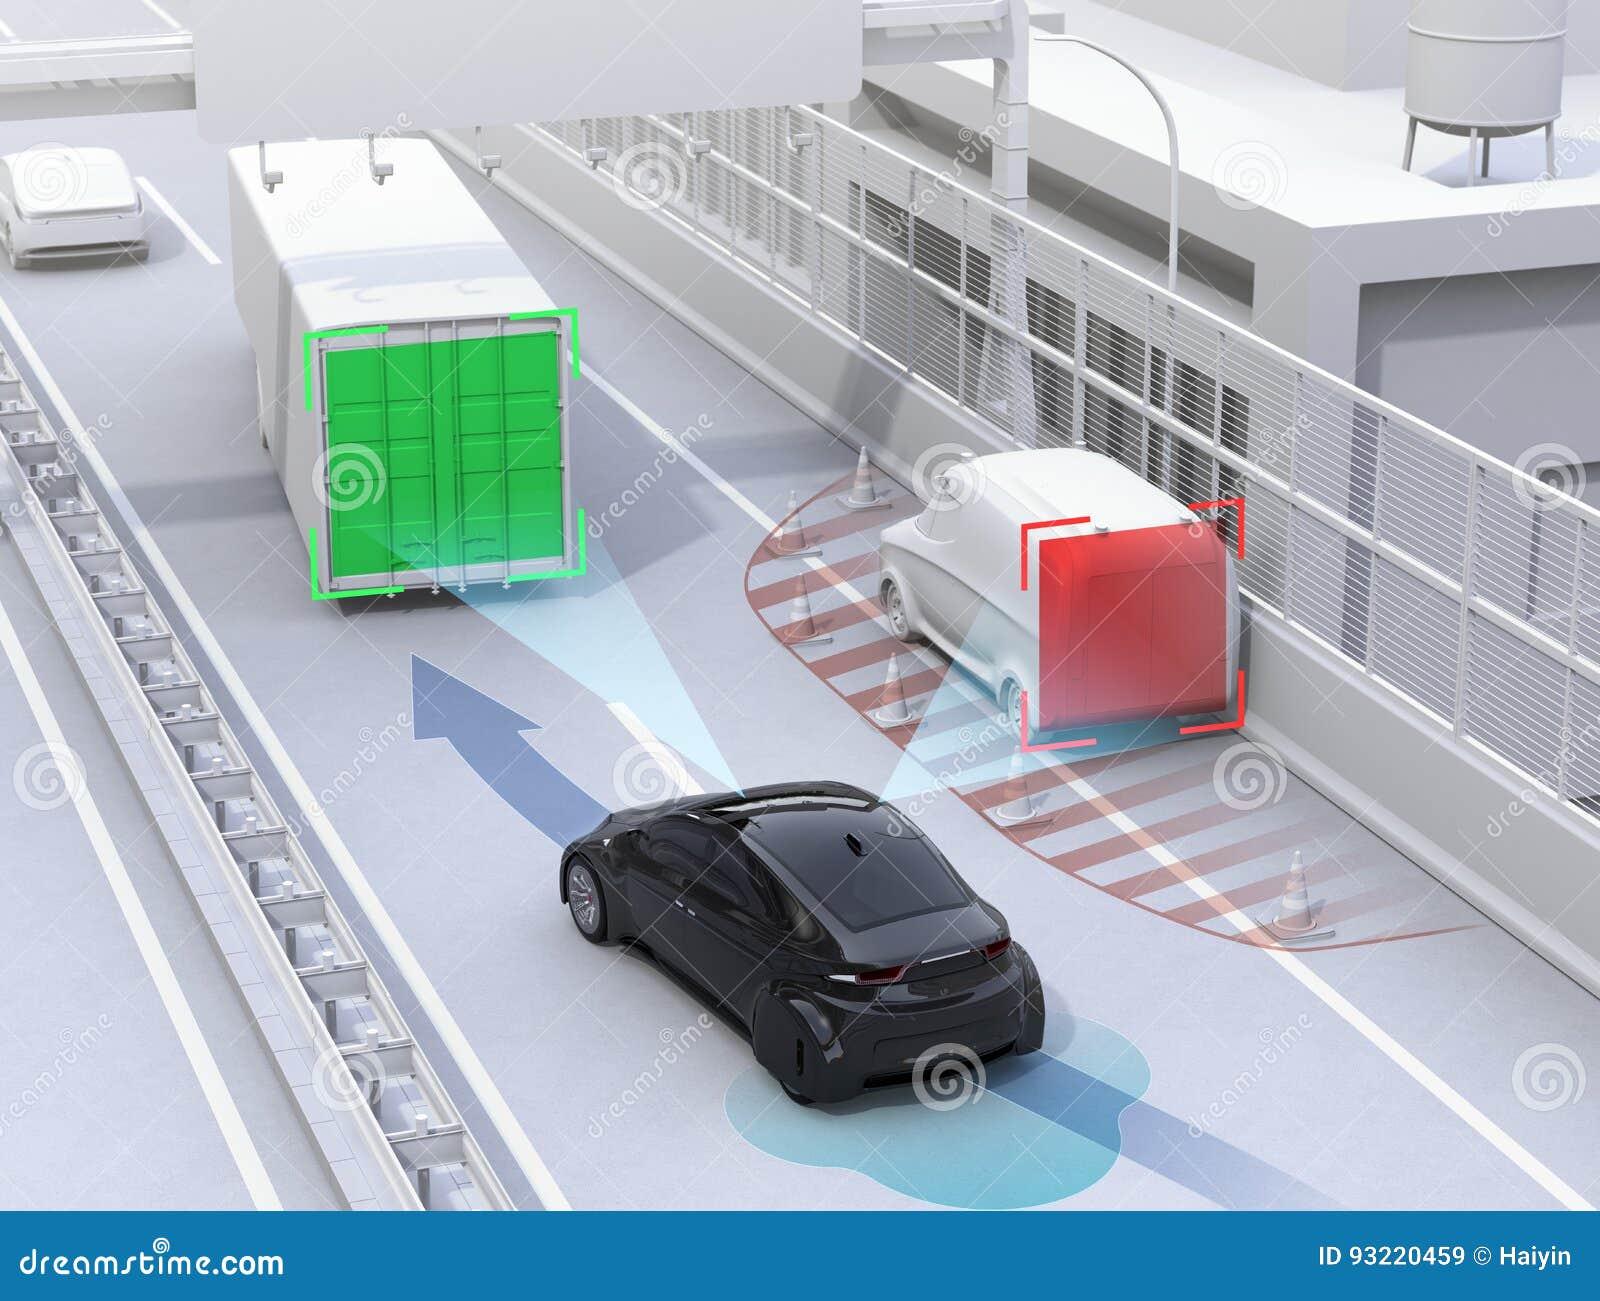 Autonome auto veranderende steeg snel om een verkeersongeval te vermijden